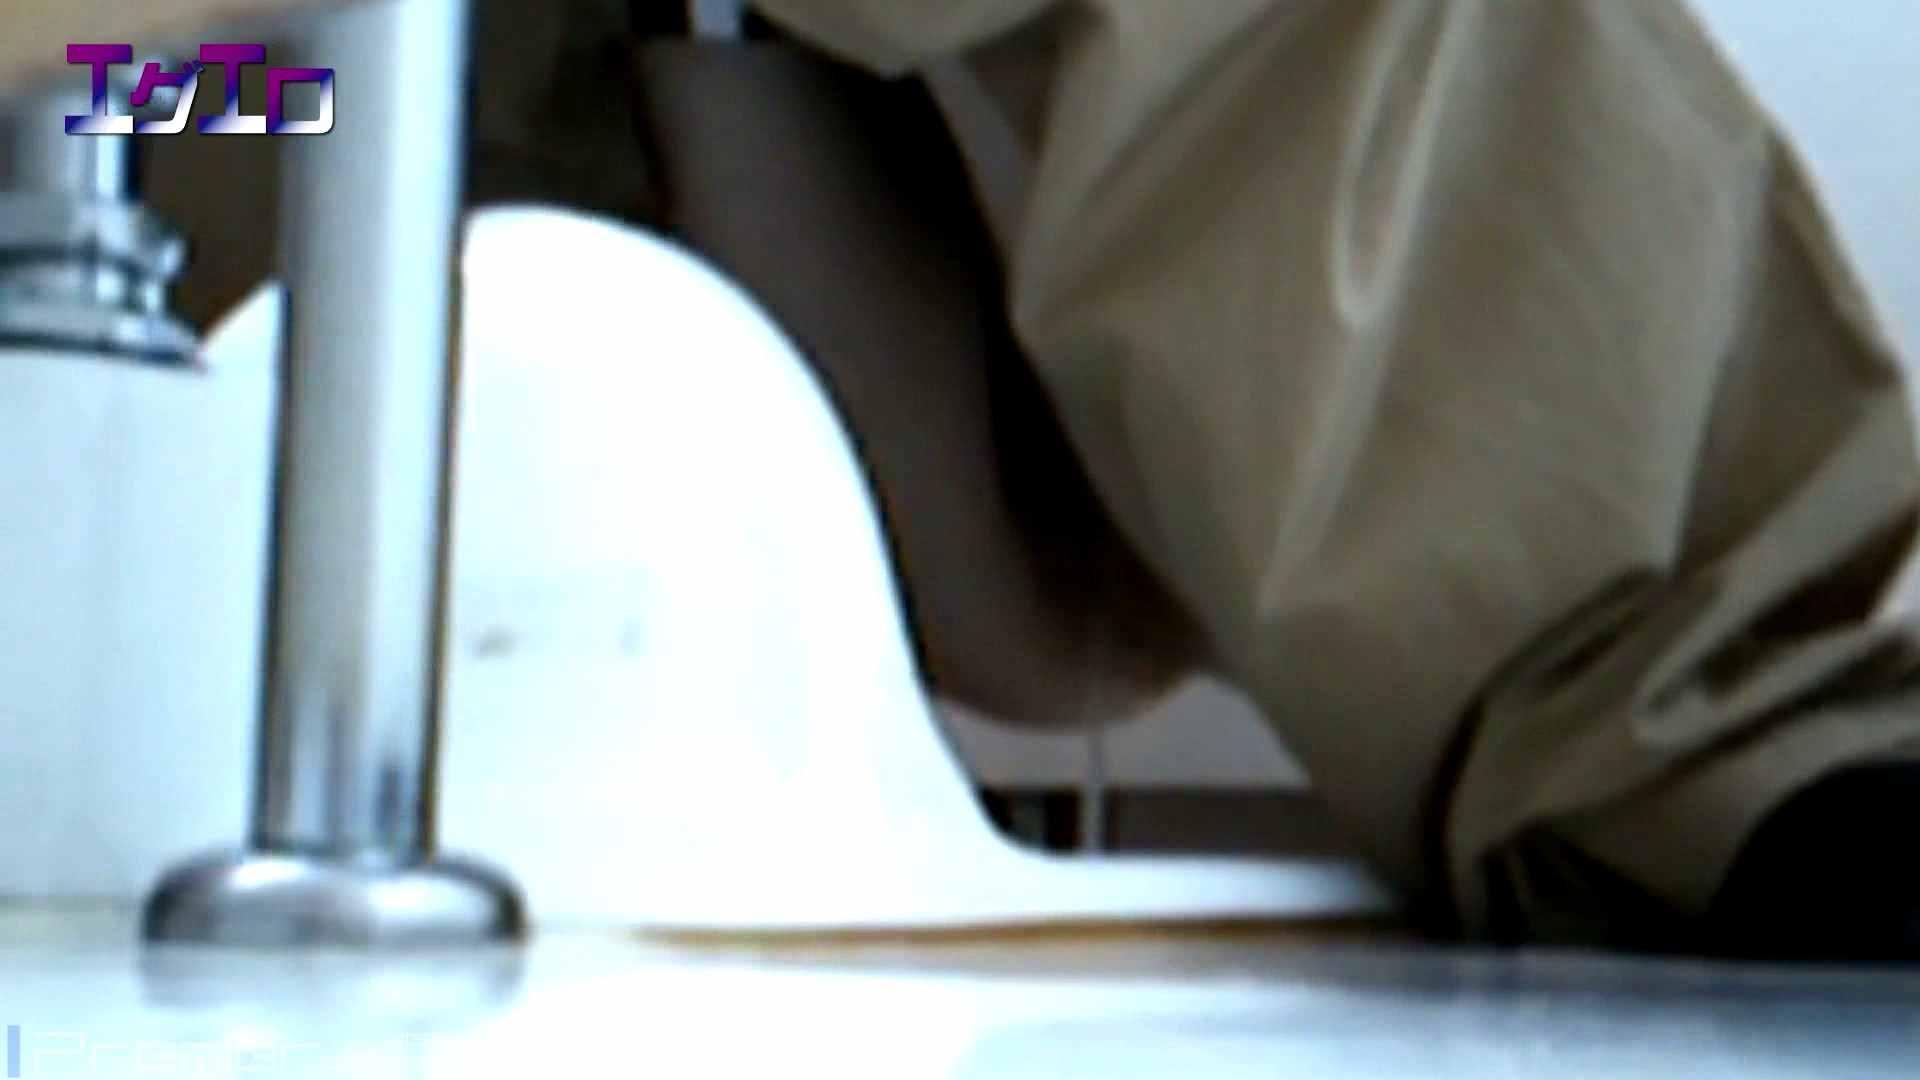 至近距離洗面所 Vol.11 洗面所 | OLのボディ  88PIX